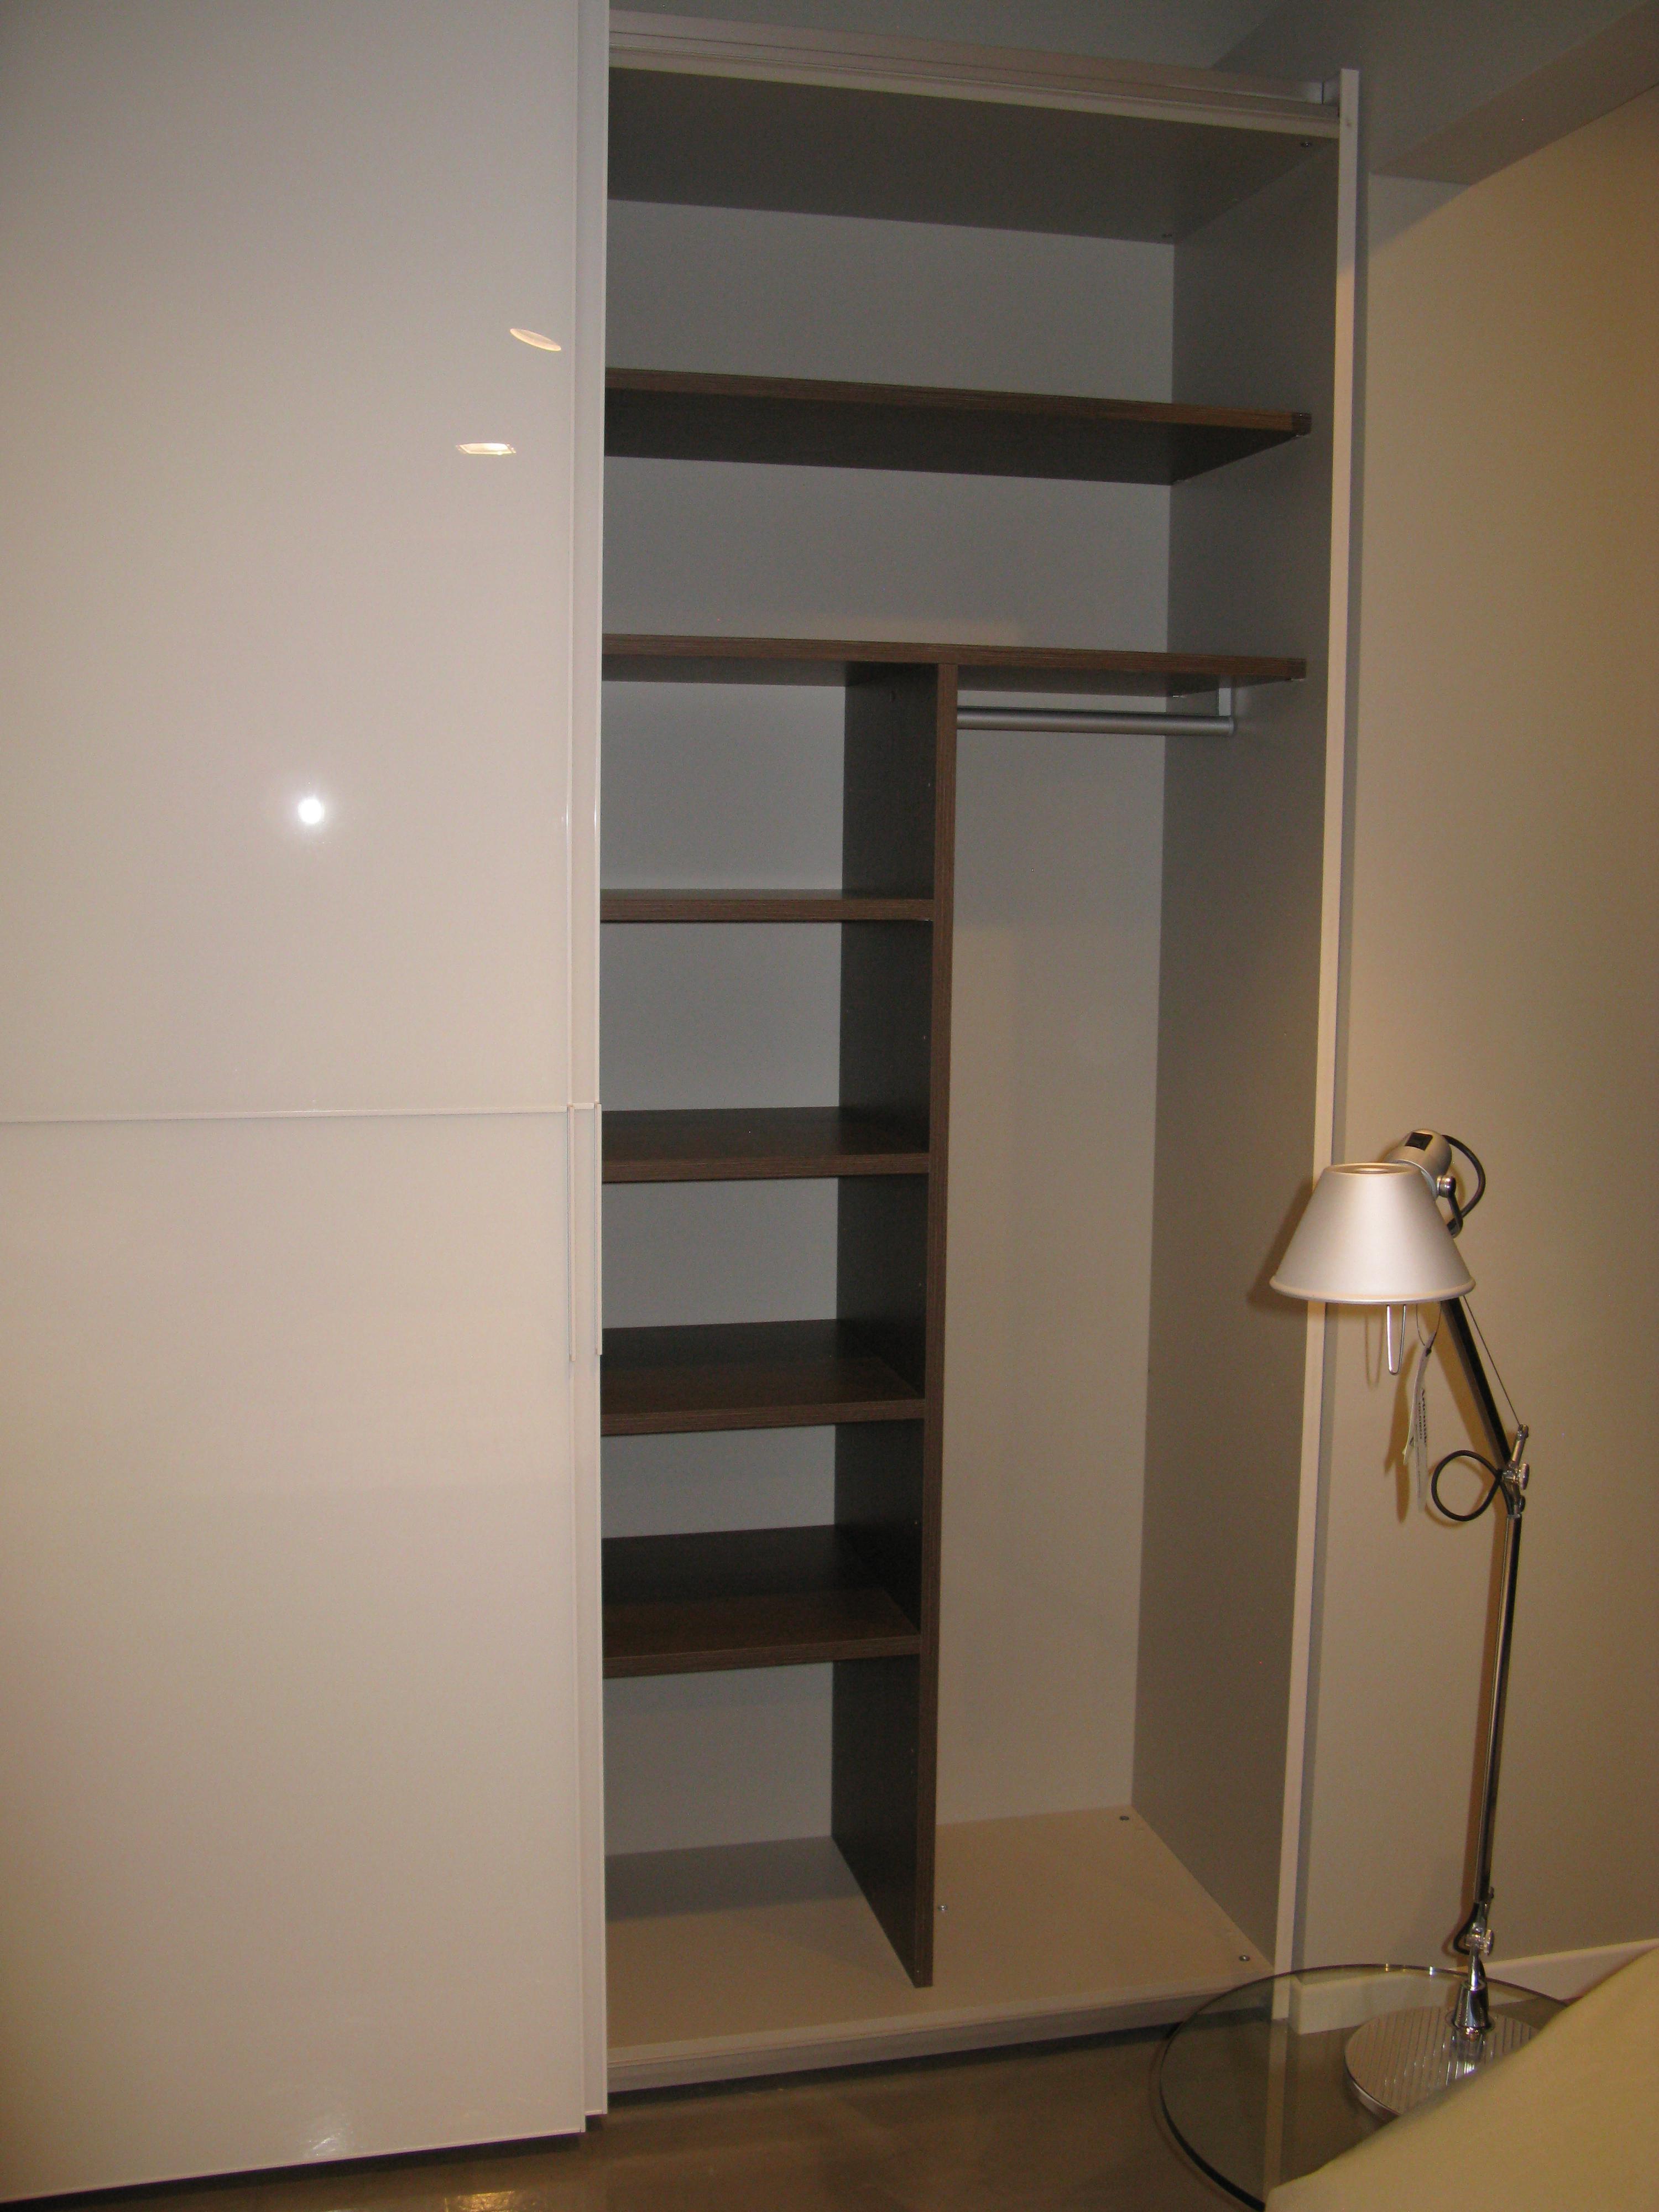 Zalf armadio glassy 30 design vetro ante scorrevoli for Armadi design outlet